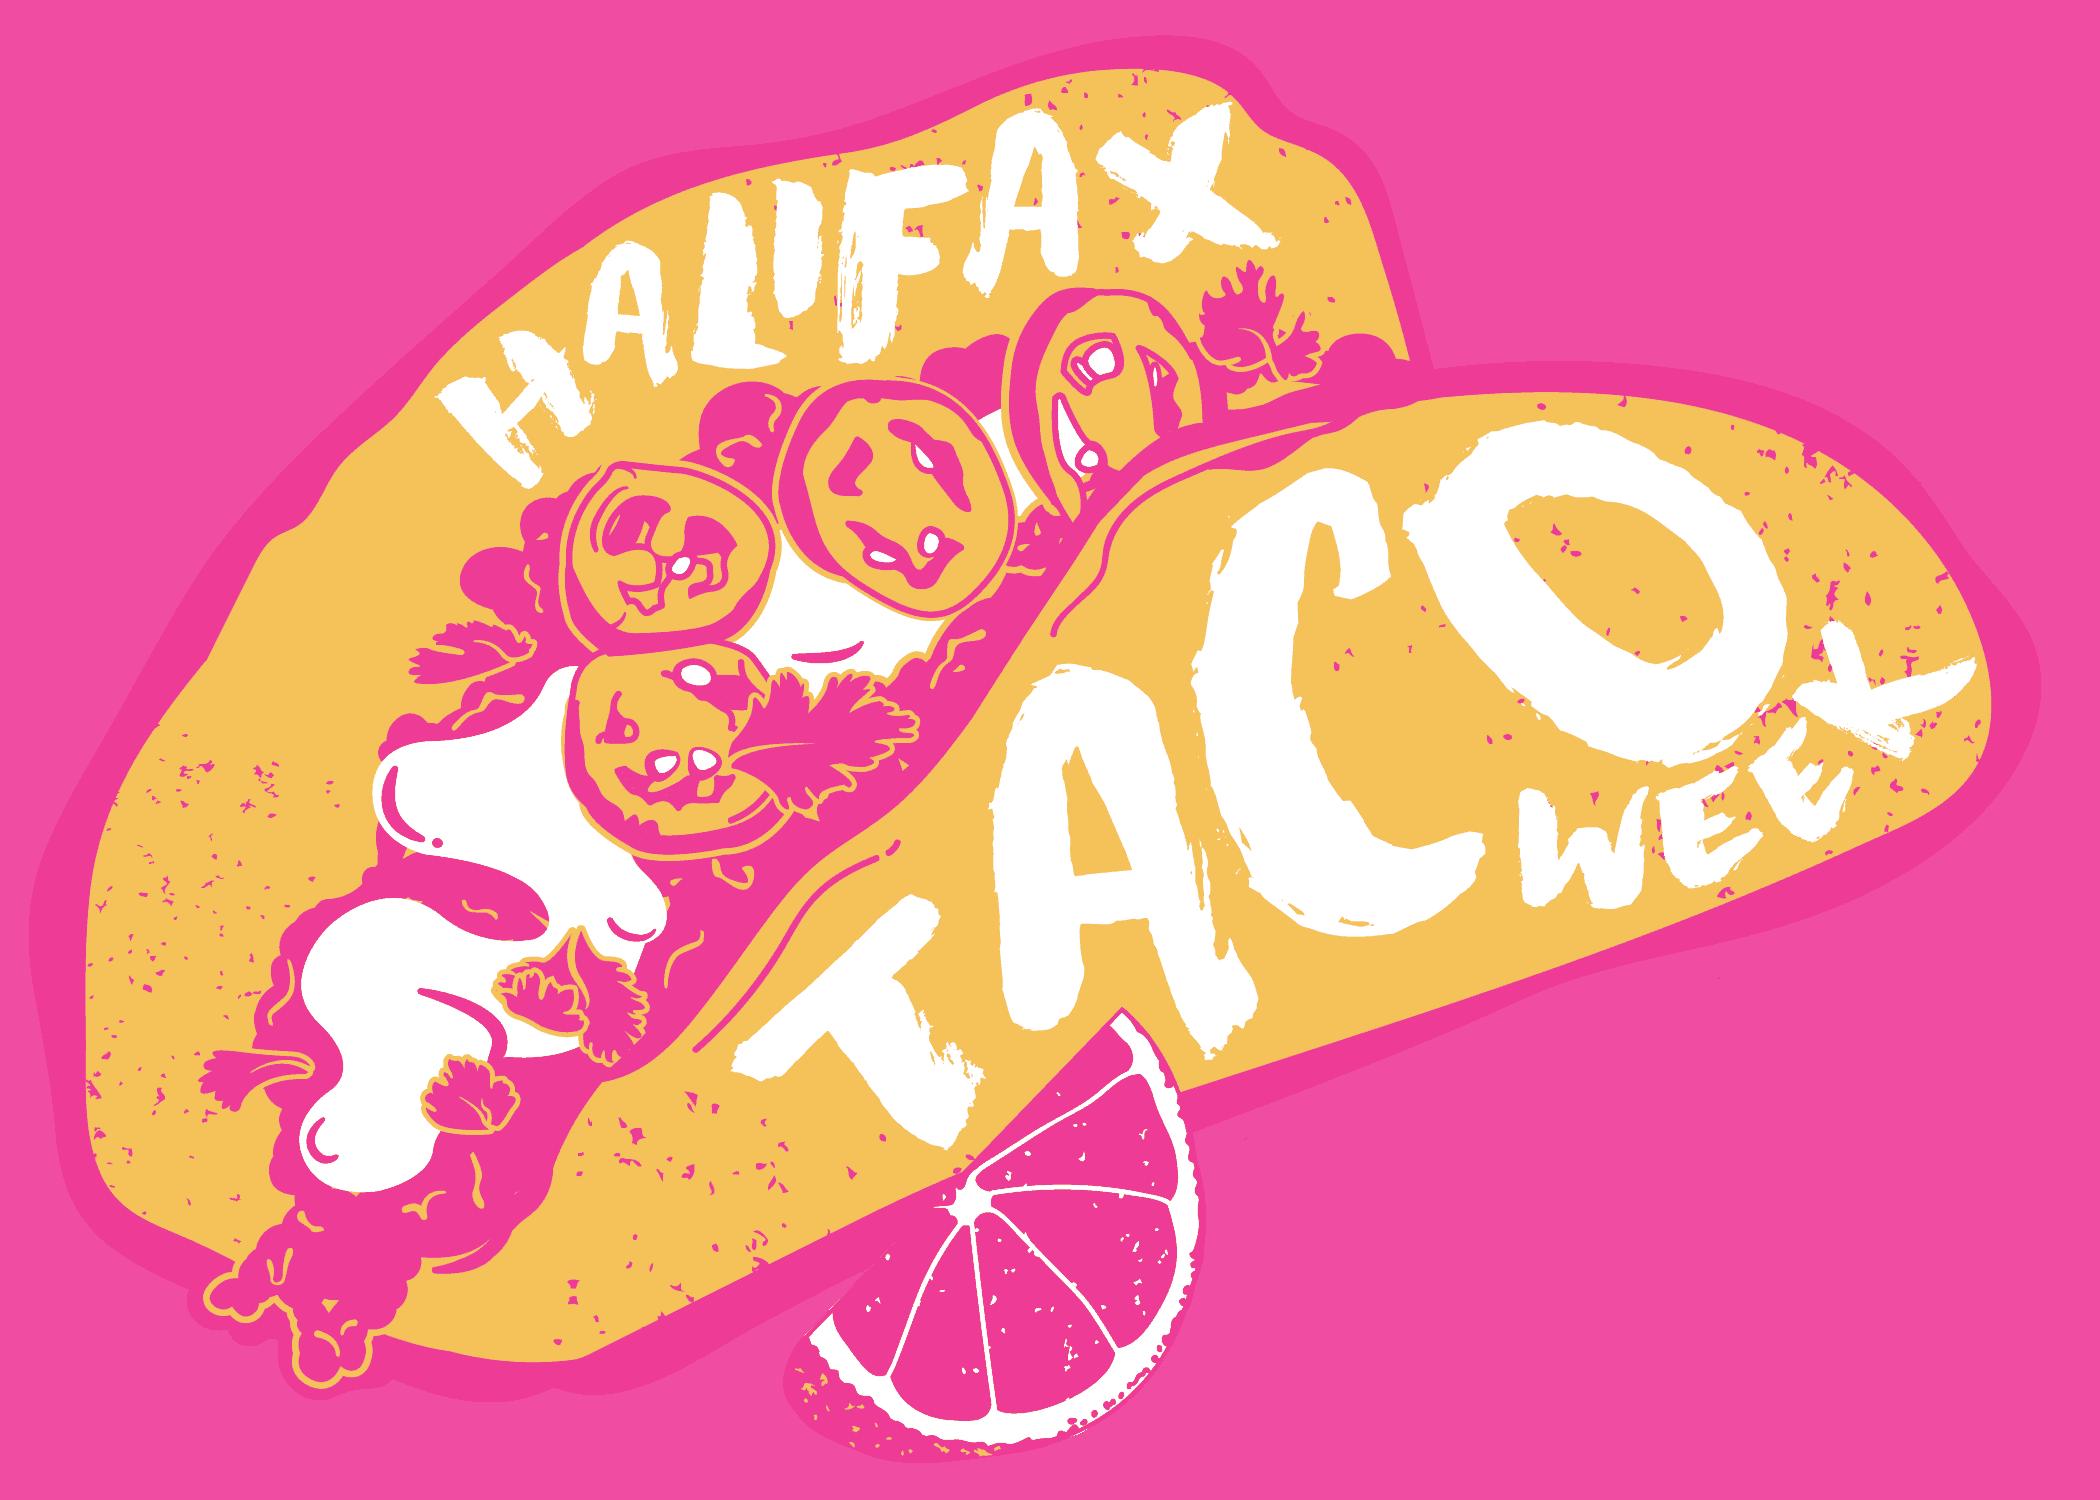 Halifax Taco Week